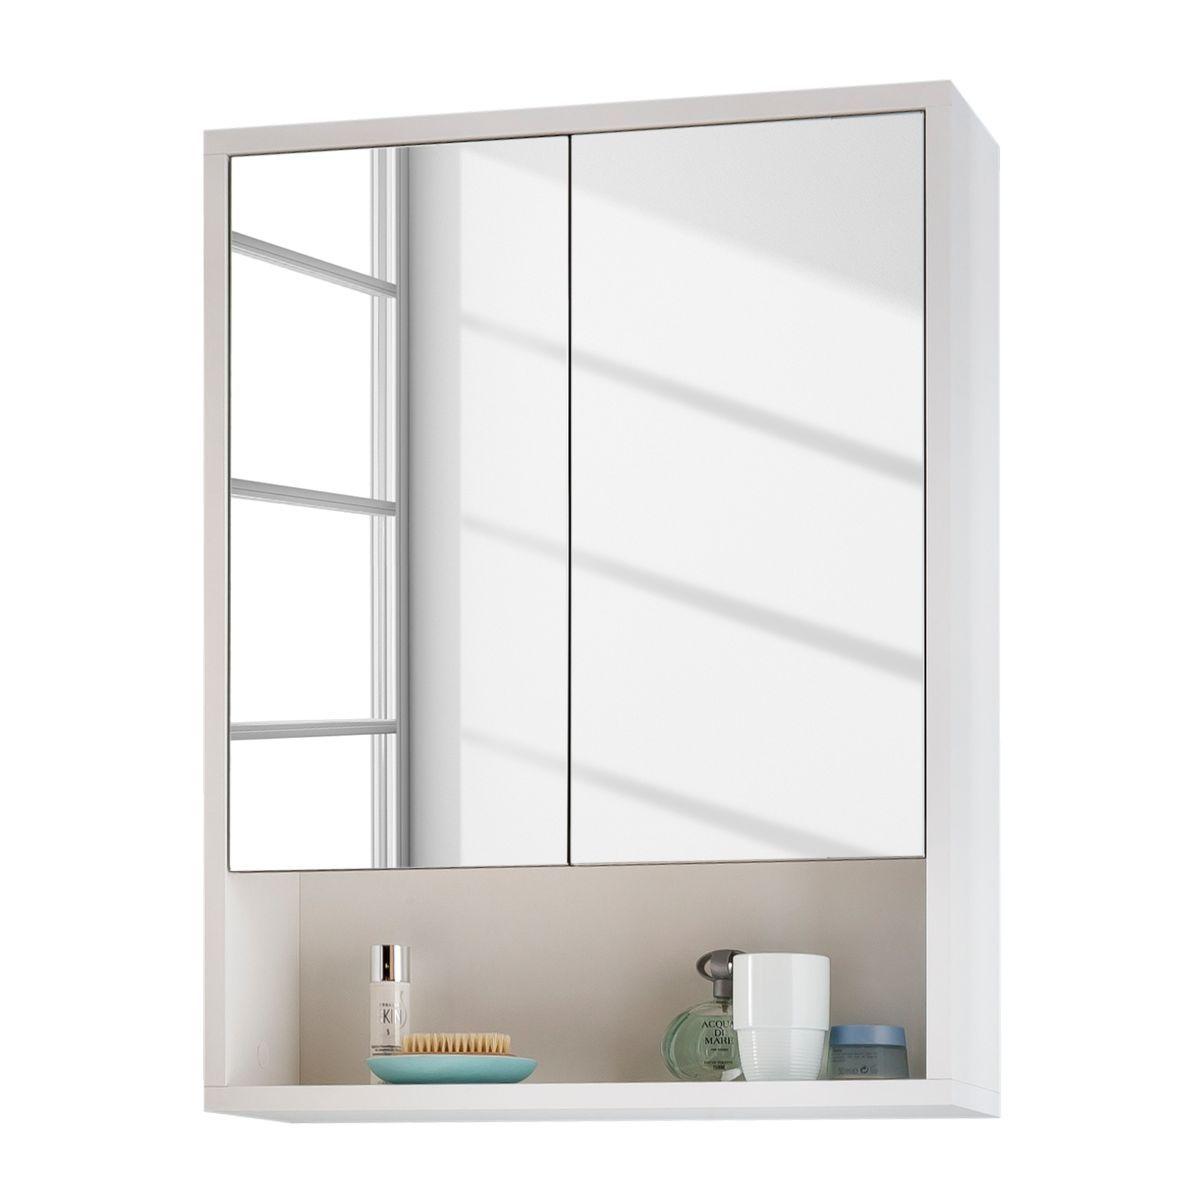 Spiegelschrank Manado Spiegelschrank Moderner Schrank Schrank